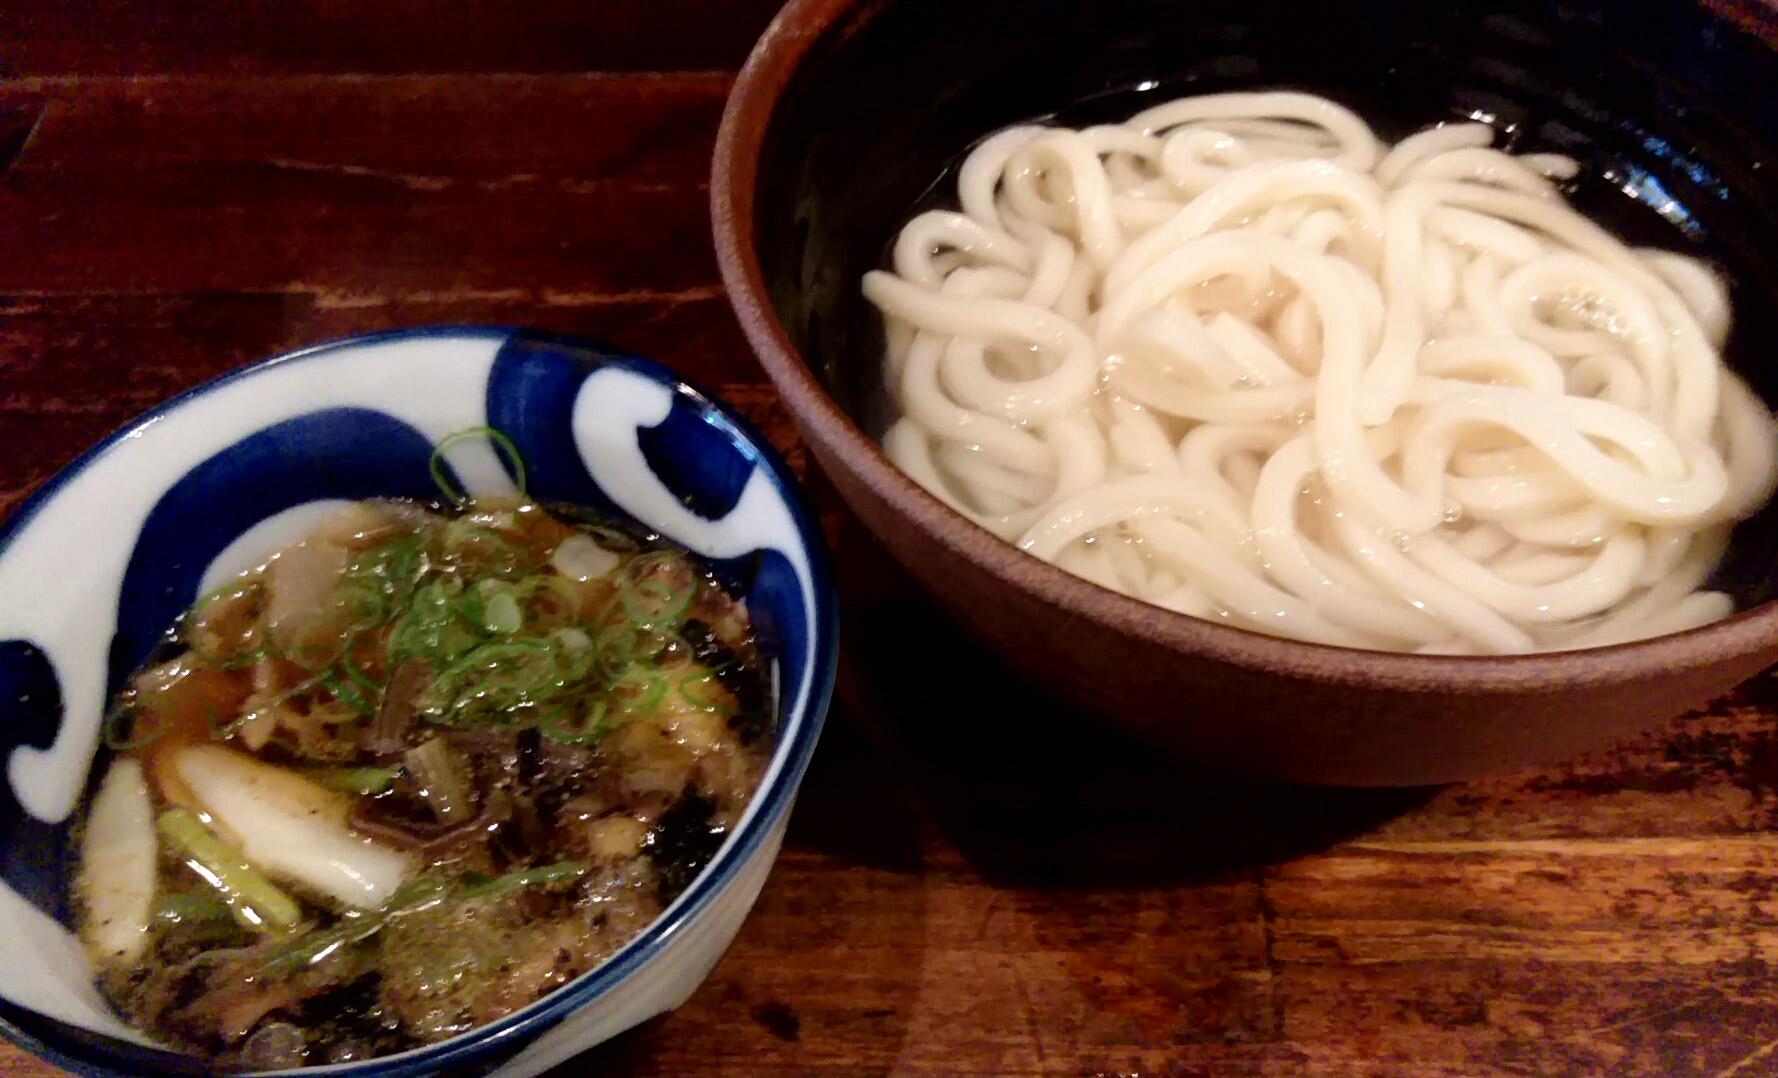 山菜肉汁うどん(あつあつ)@喰らうどんさん